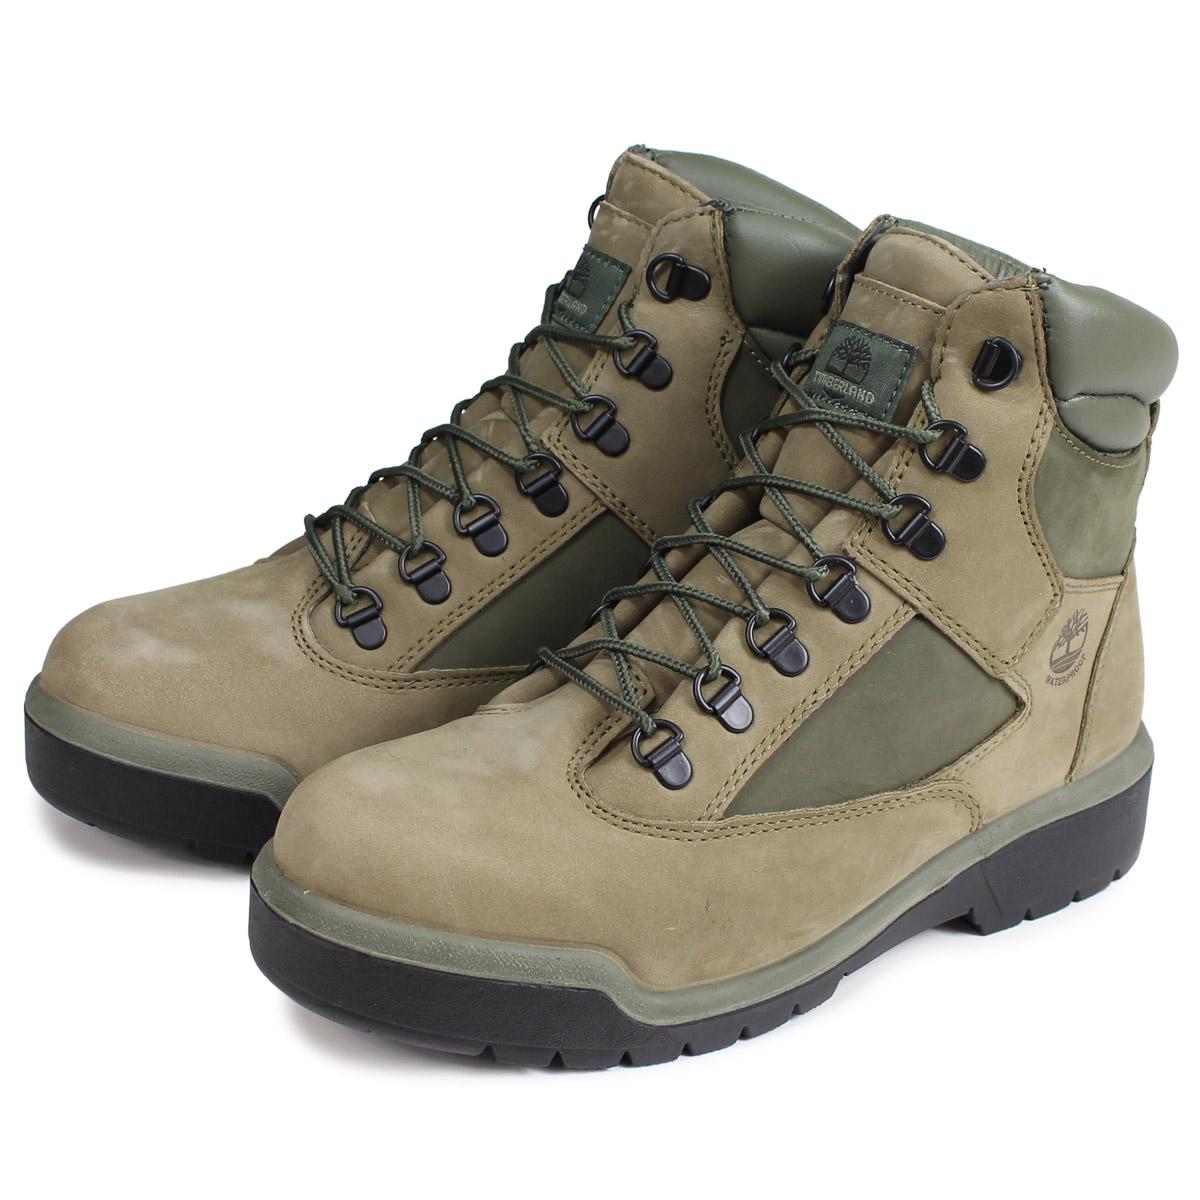 Timberland 6-INCH FIELD BOOT ティンバーランド ブーツ 6インチ メンズ Mワイズ ライトグリーン A1RBP